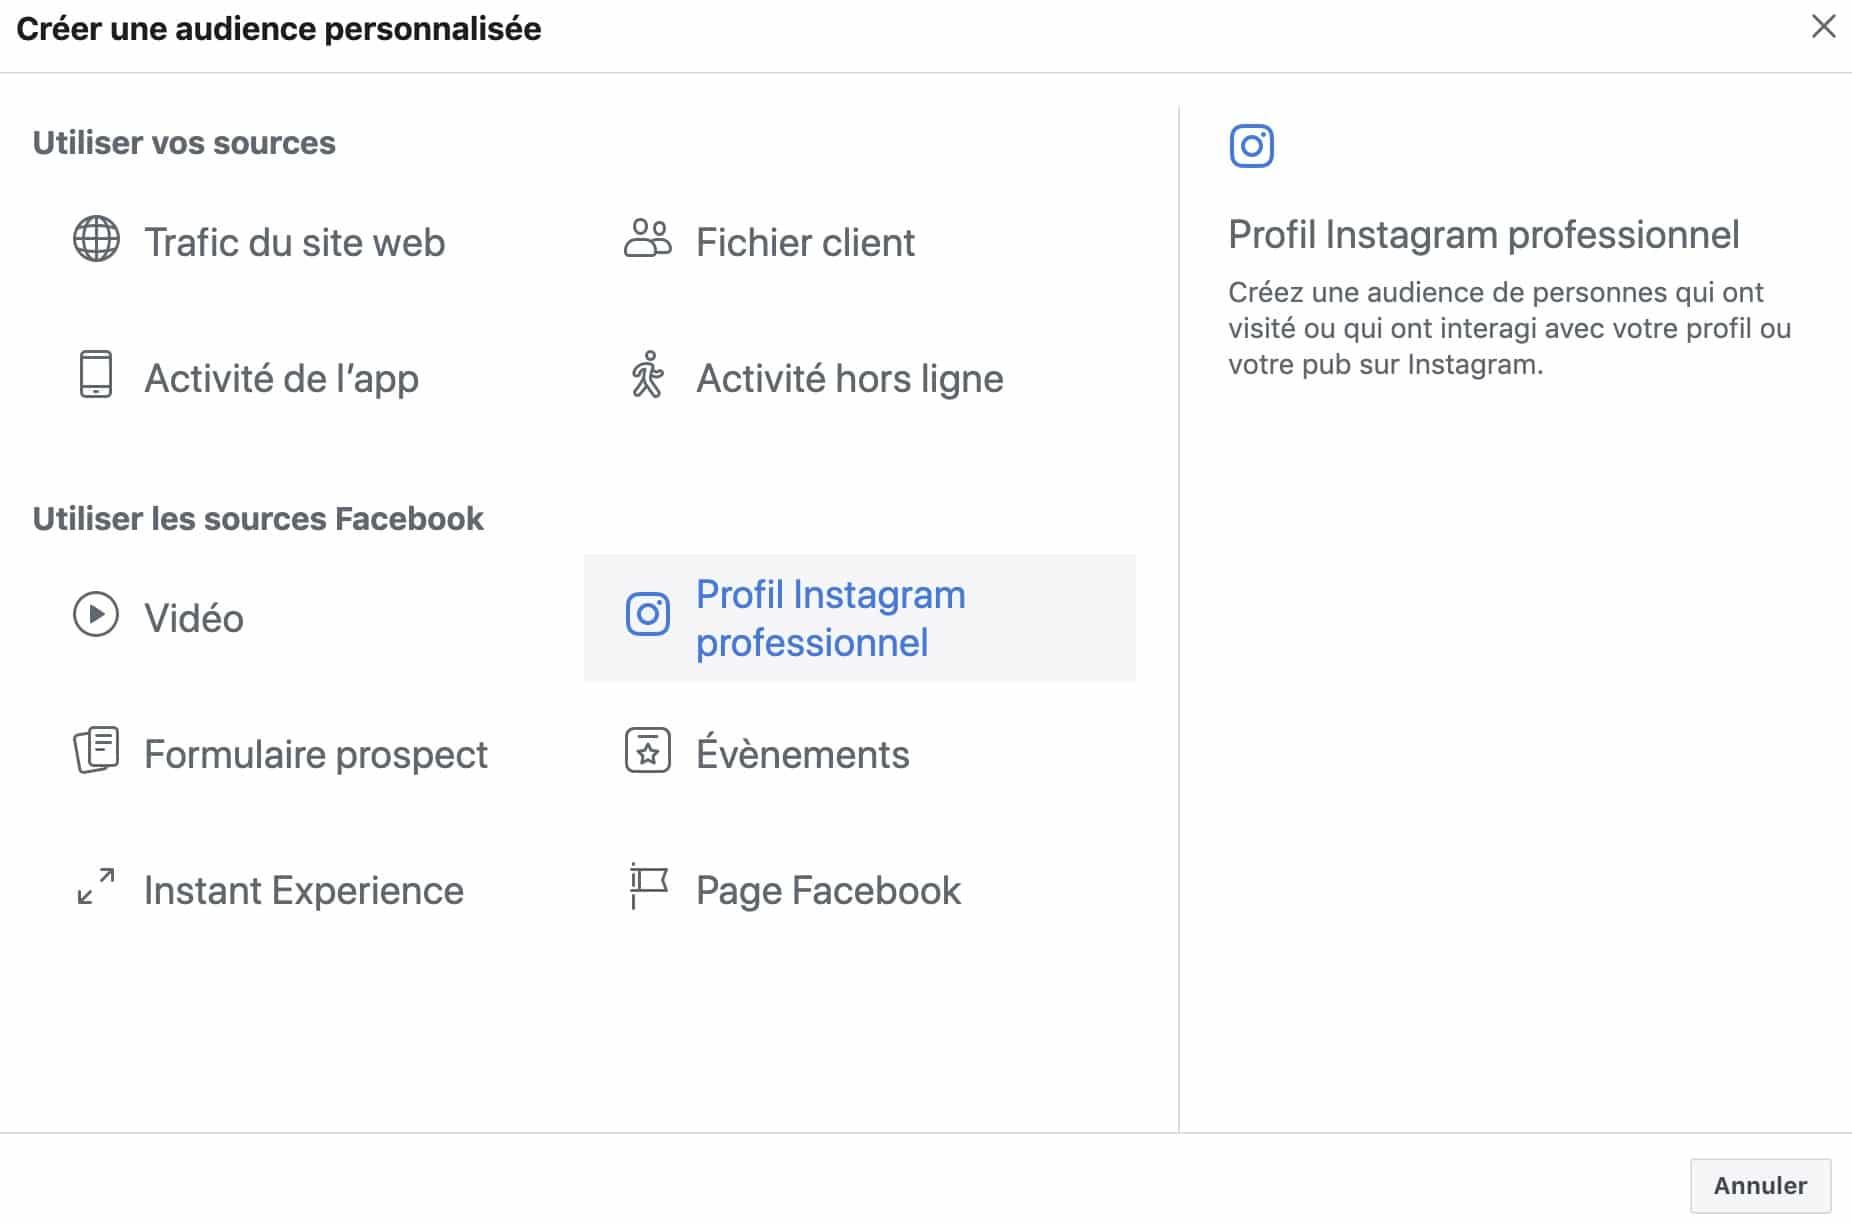 créer une audience personnalisé basée sur votre compte Instagram pour vos publicités Facebook